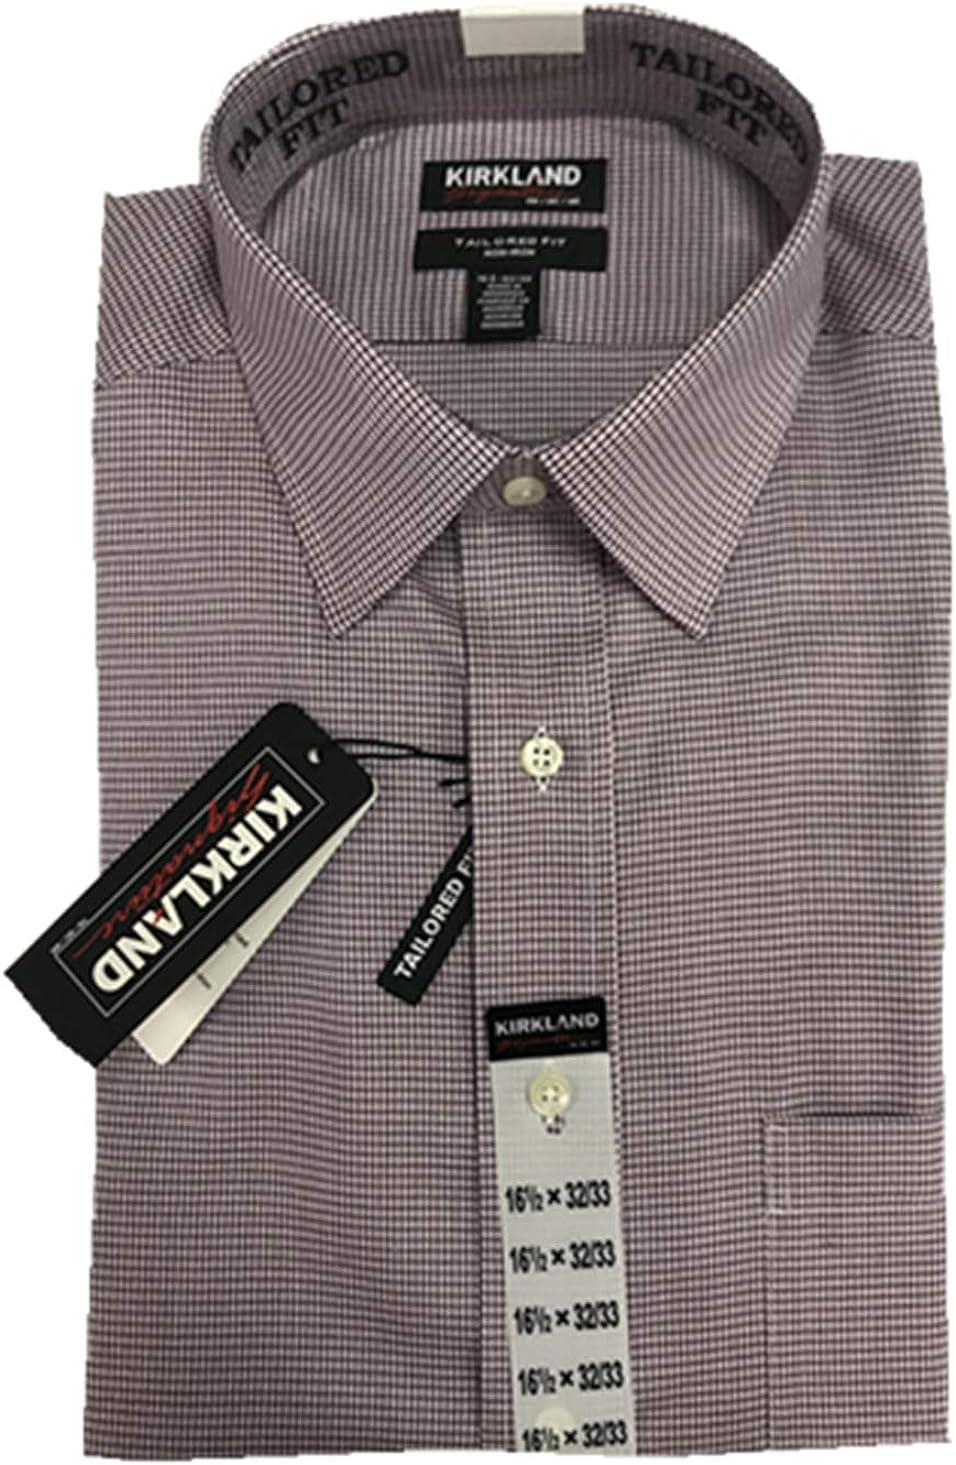 Kirkland Signature - Camisa de Vestir para Hombre, 100% algodón, Cuello sin Plancha - - 42 ES/44 ES: Amazon.es: Ropa y accesorios